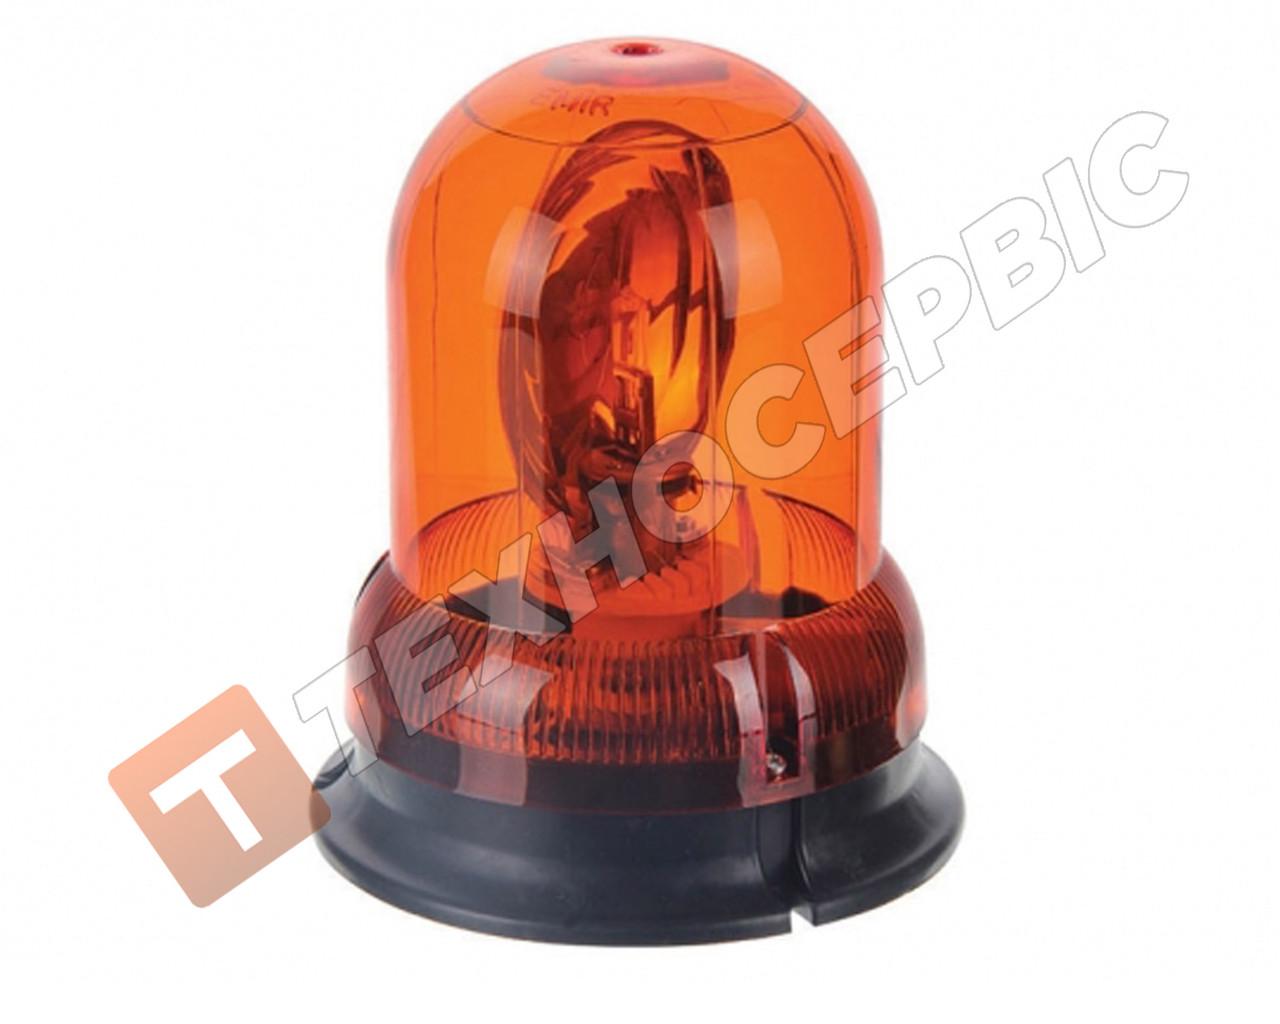 Маячок проблесковый оранжевый 24 вольт 24v со стробоскопом (мигалка) стационарное крепление Турция